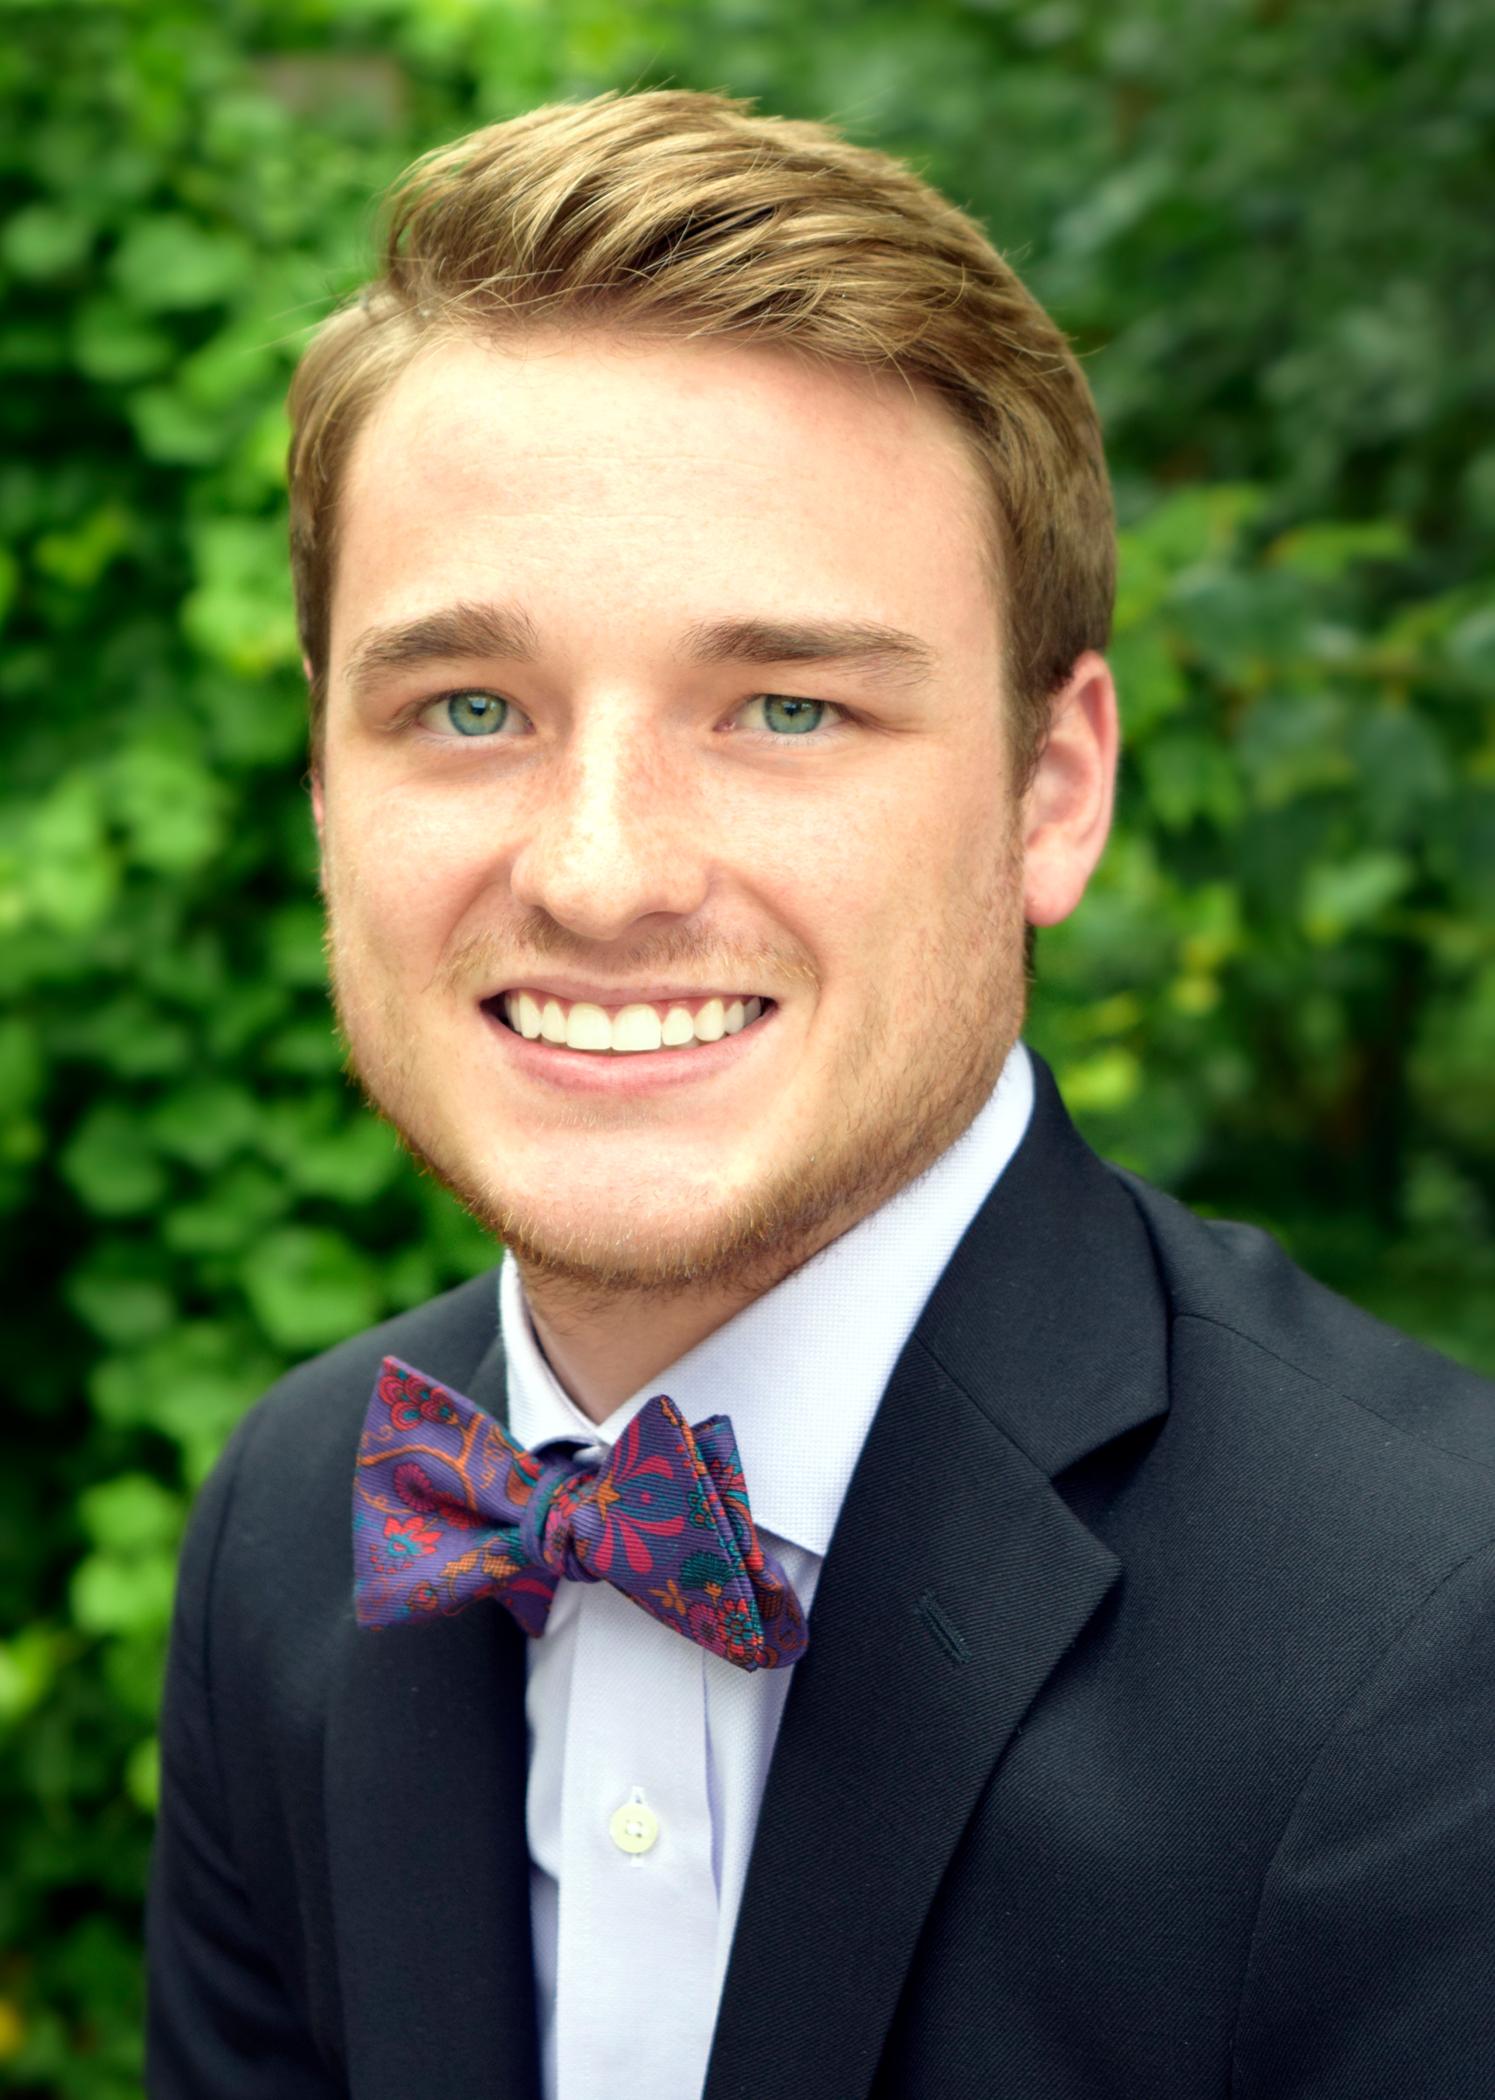 Wesley Mitchell